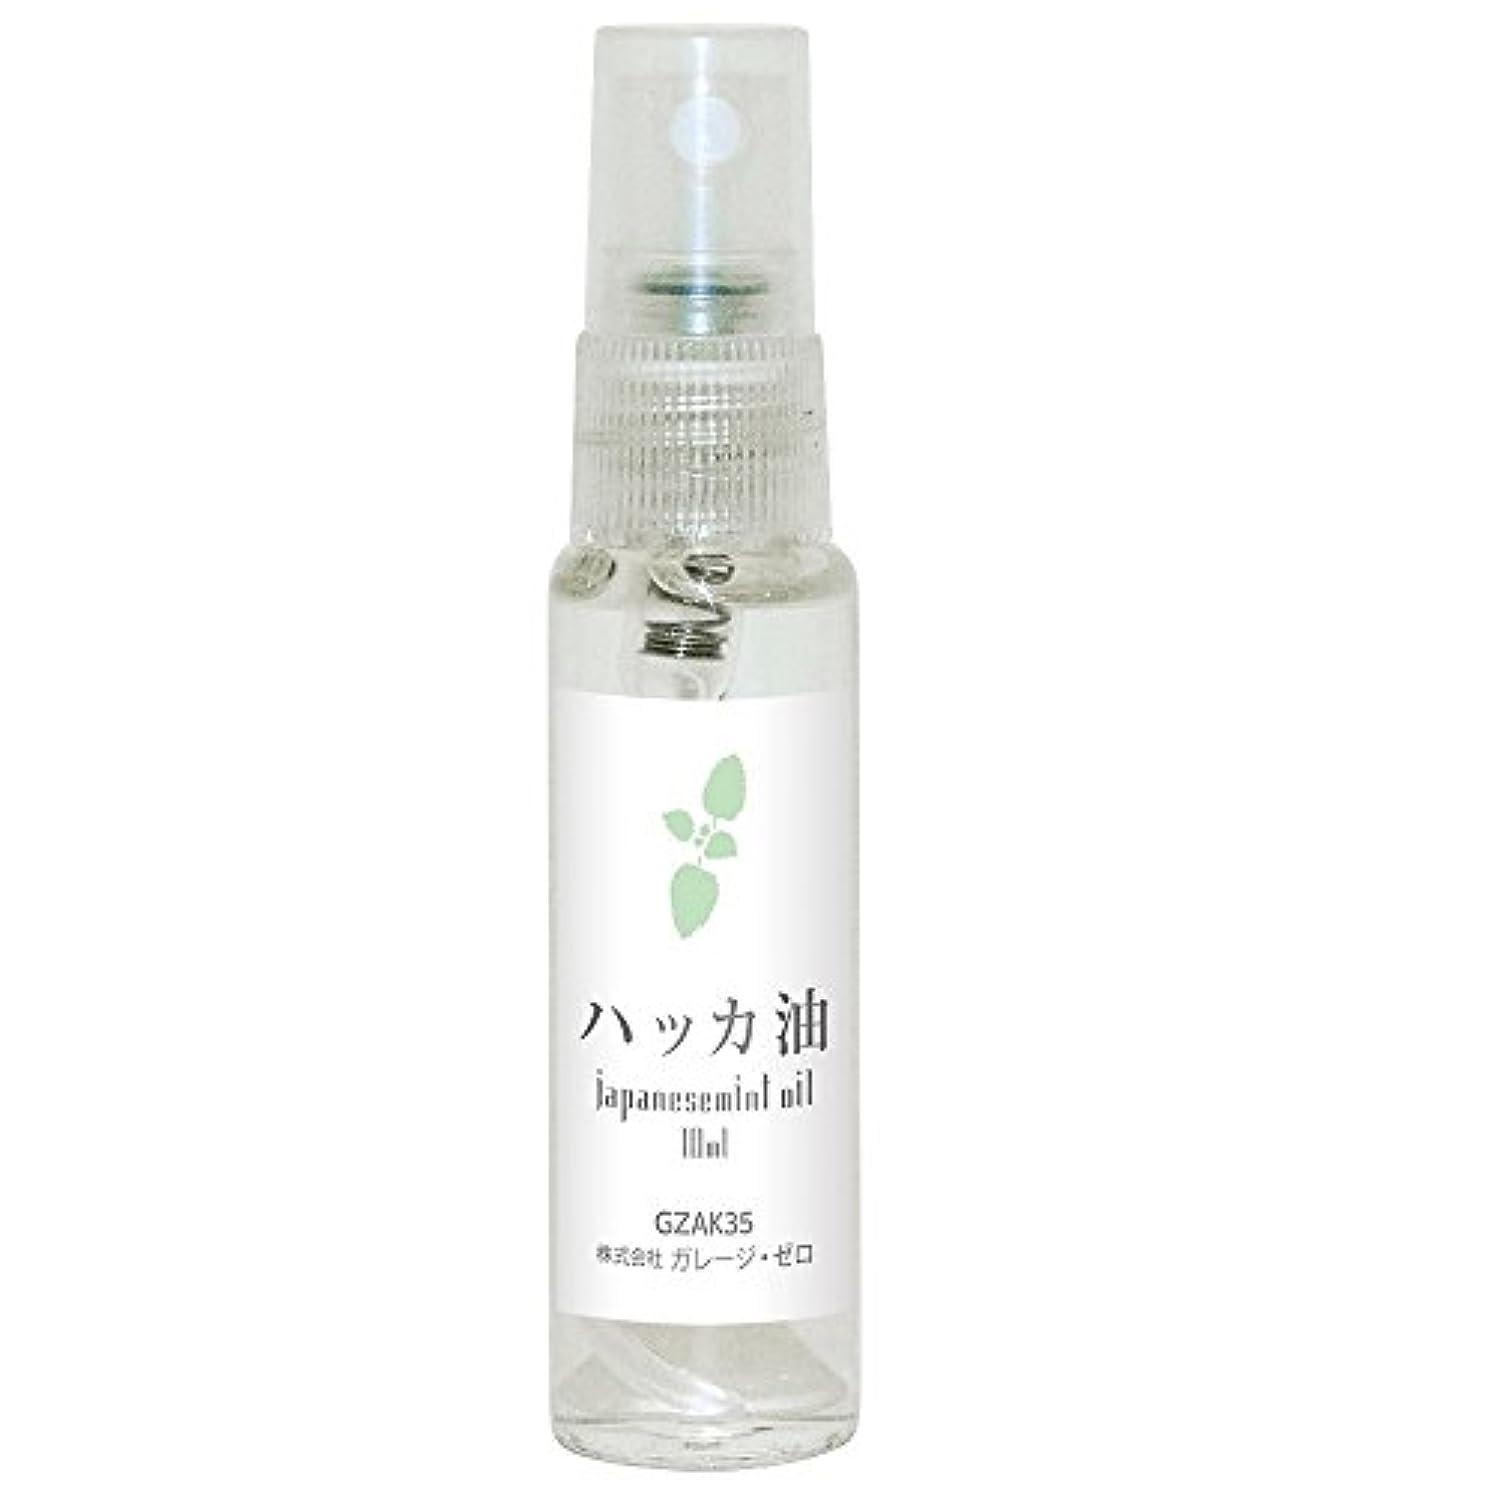 中性精巧なトラップガレージゼロ ハッカ油 透明スプレー瓶入10ml GZAK35